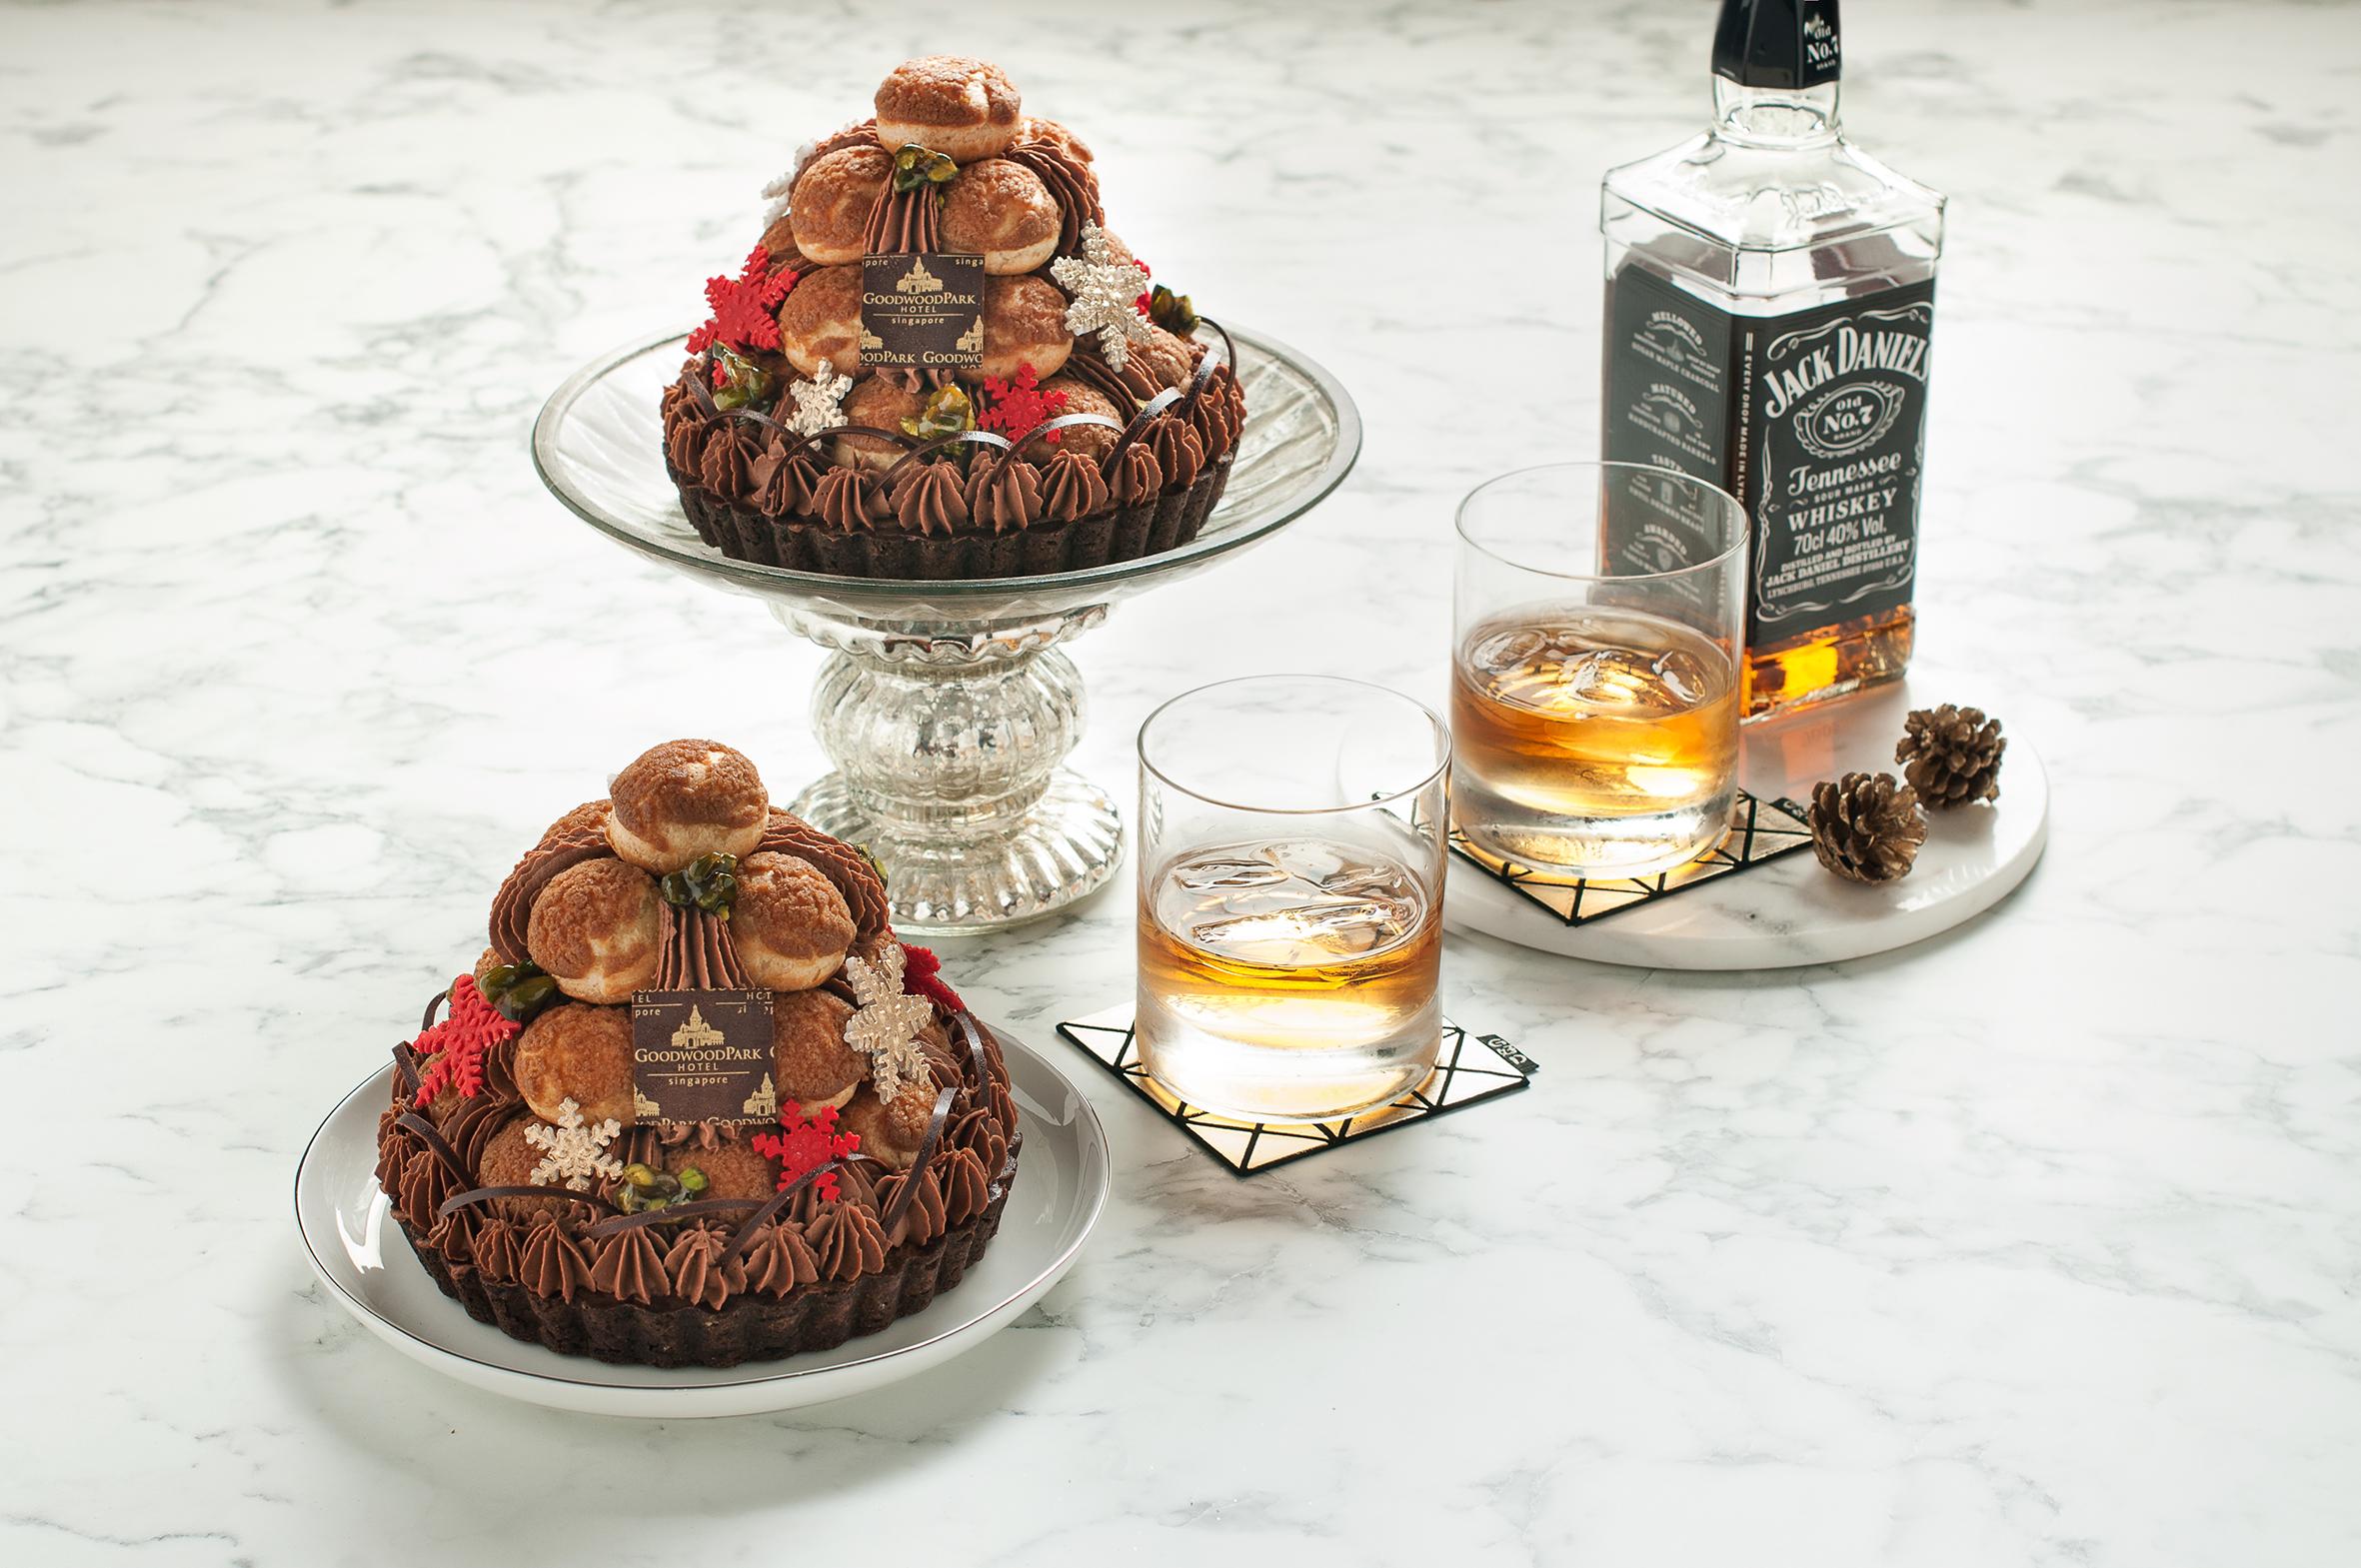 xmas-goodwood-park-hotel-christmas-2016-whiskey-profiteroles-choc-tart